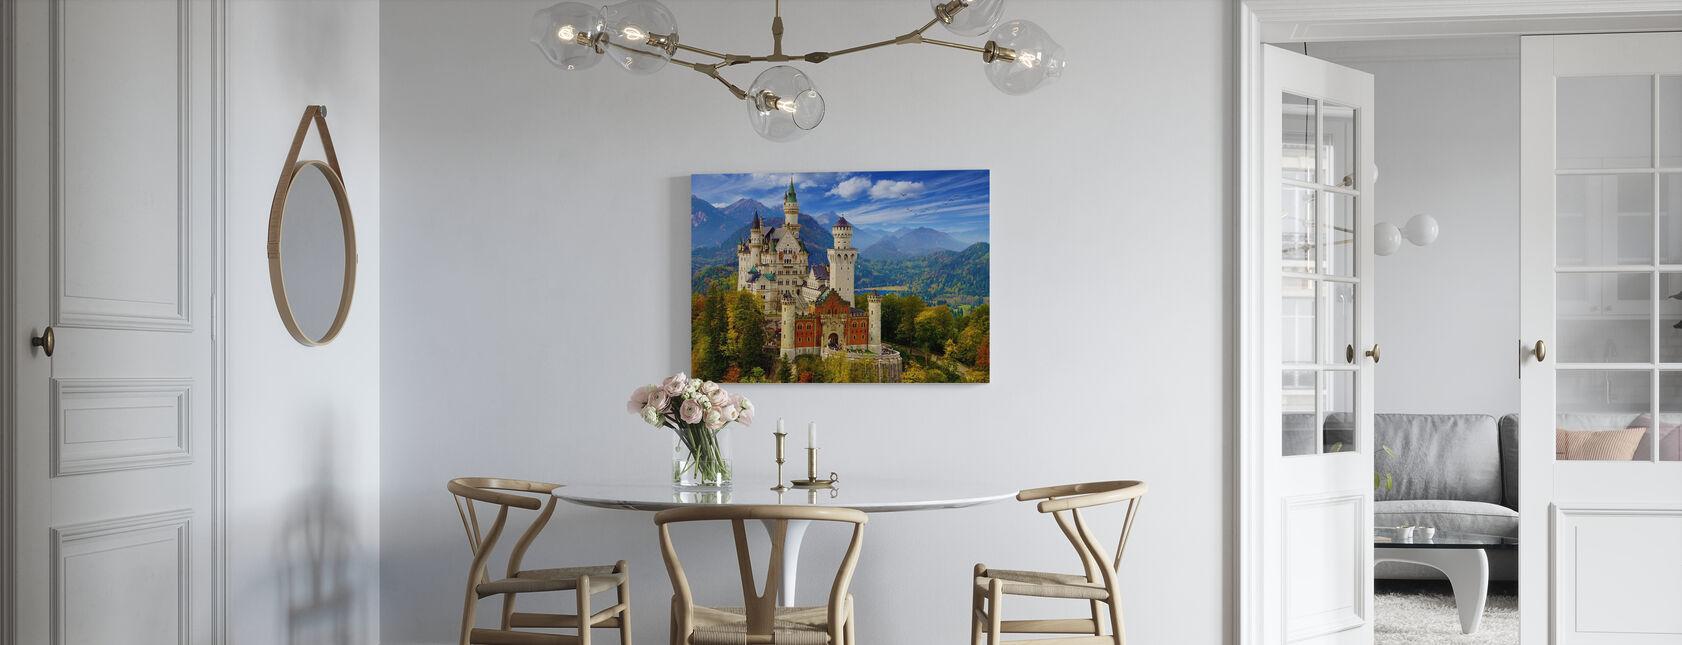 Neuschwanstein Castle - Canvas print - Kitchen